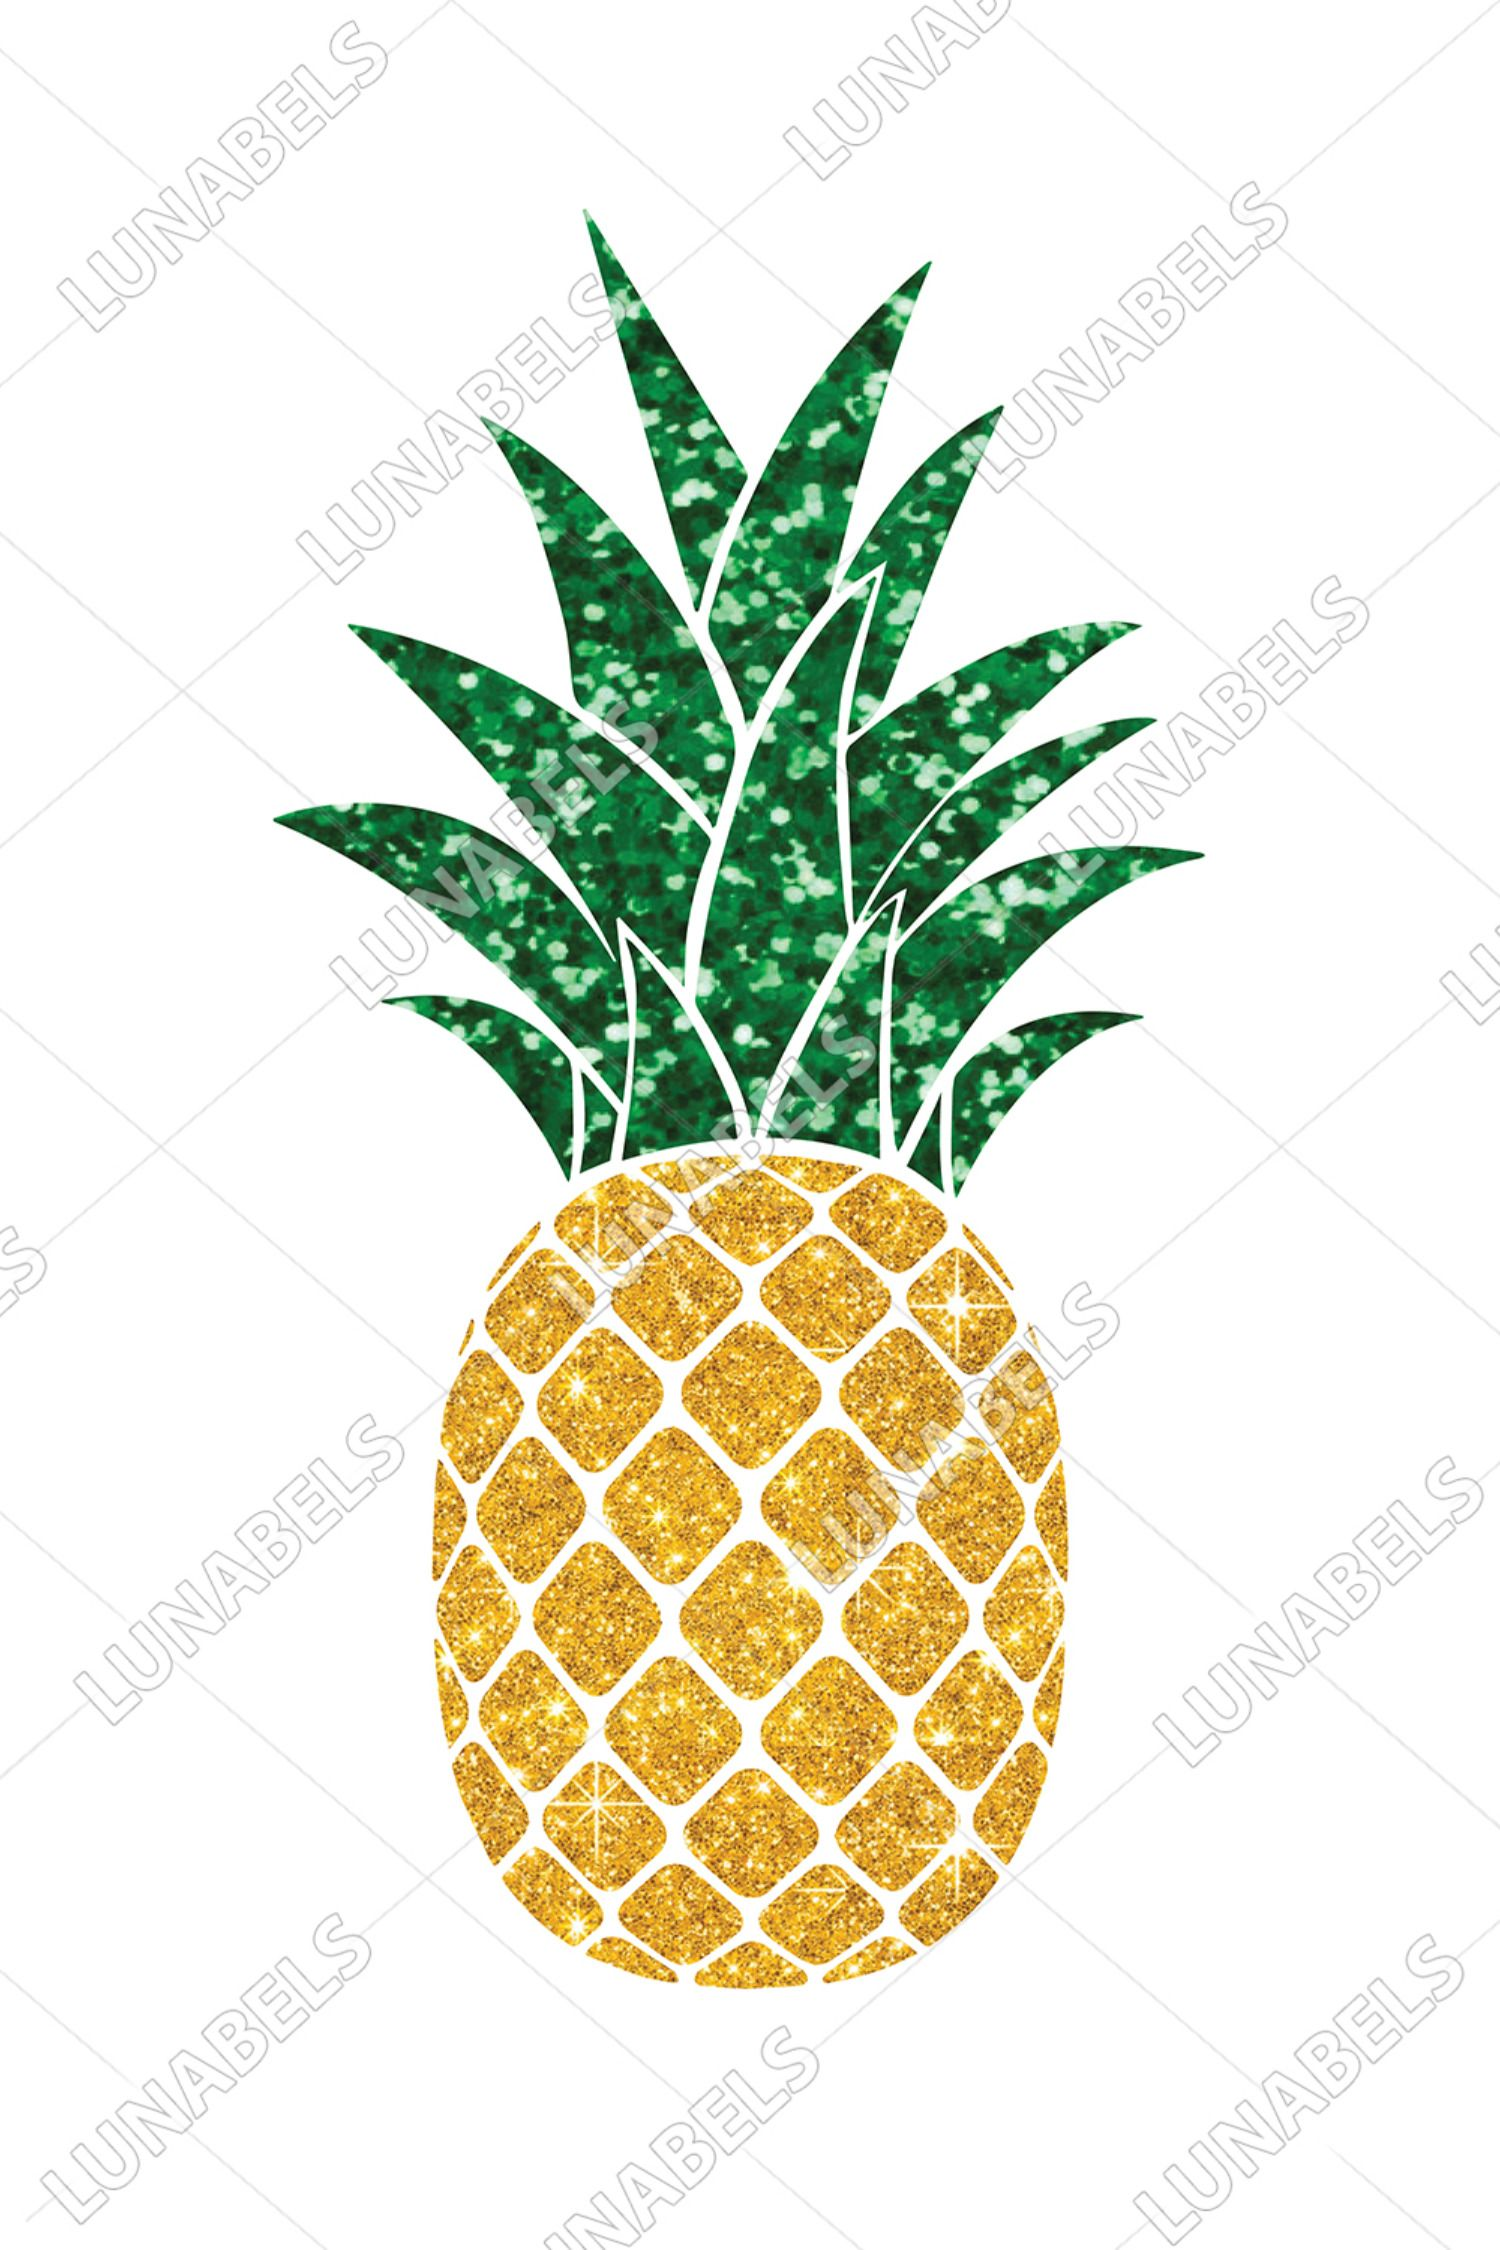 Luau Svg : Pineapple, Stuff